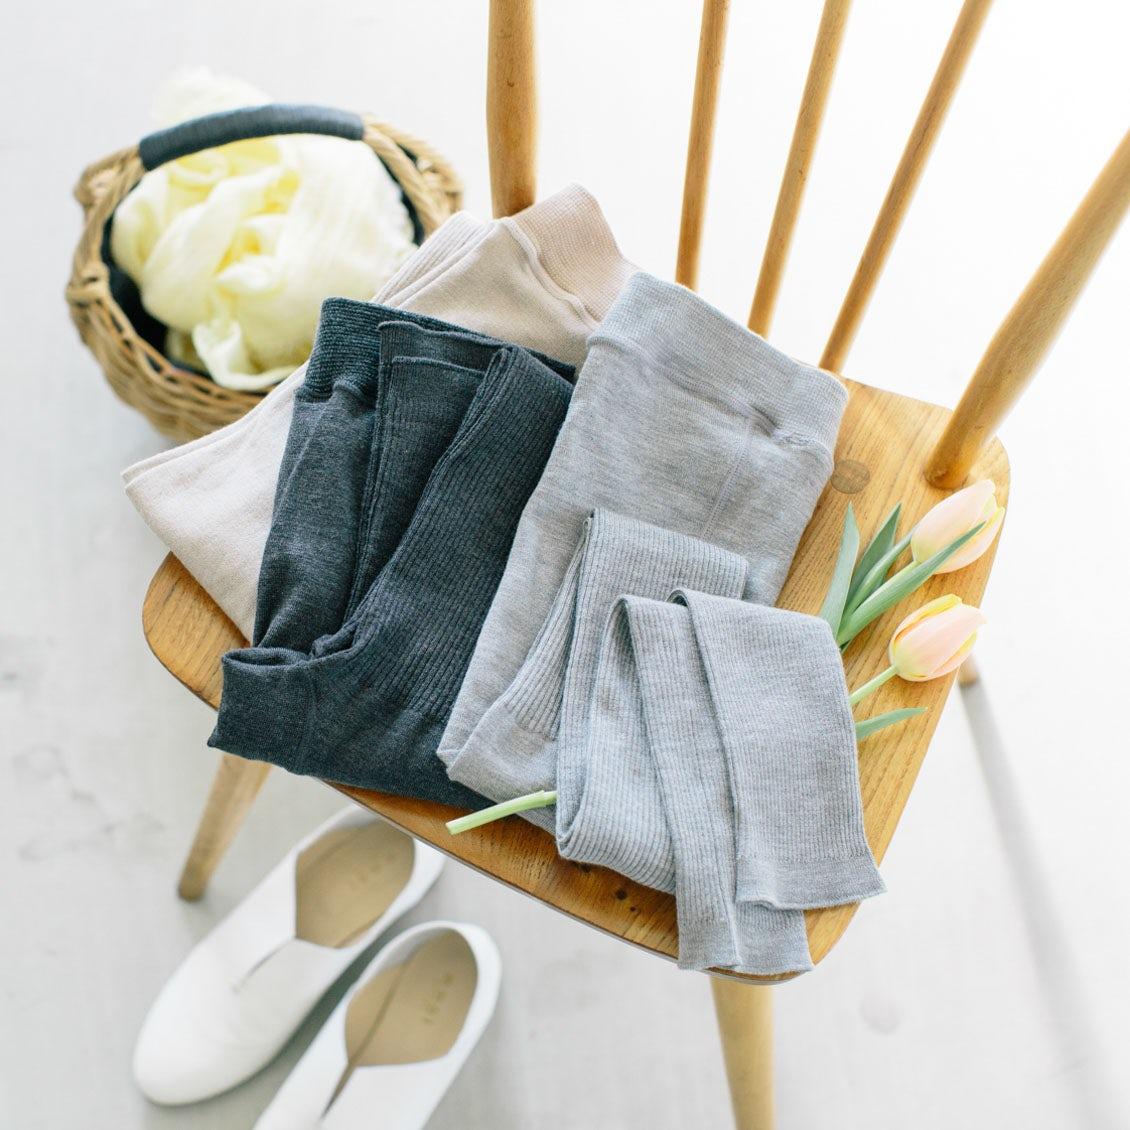 【スタッフ着用レビュー】DRESS HERSELFのレギンスを、3名のスタッフが着てみました